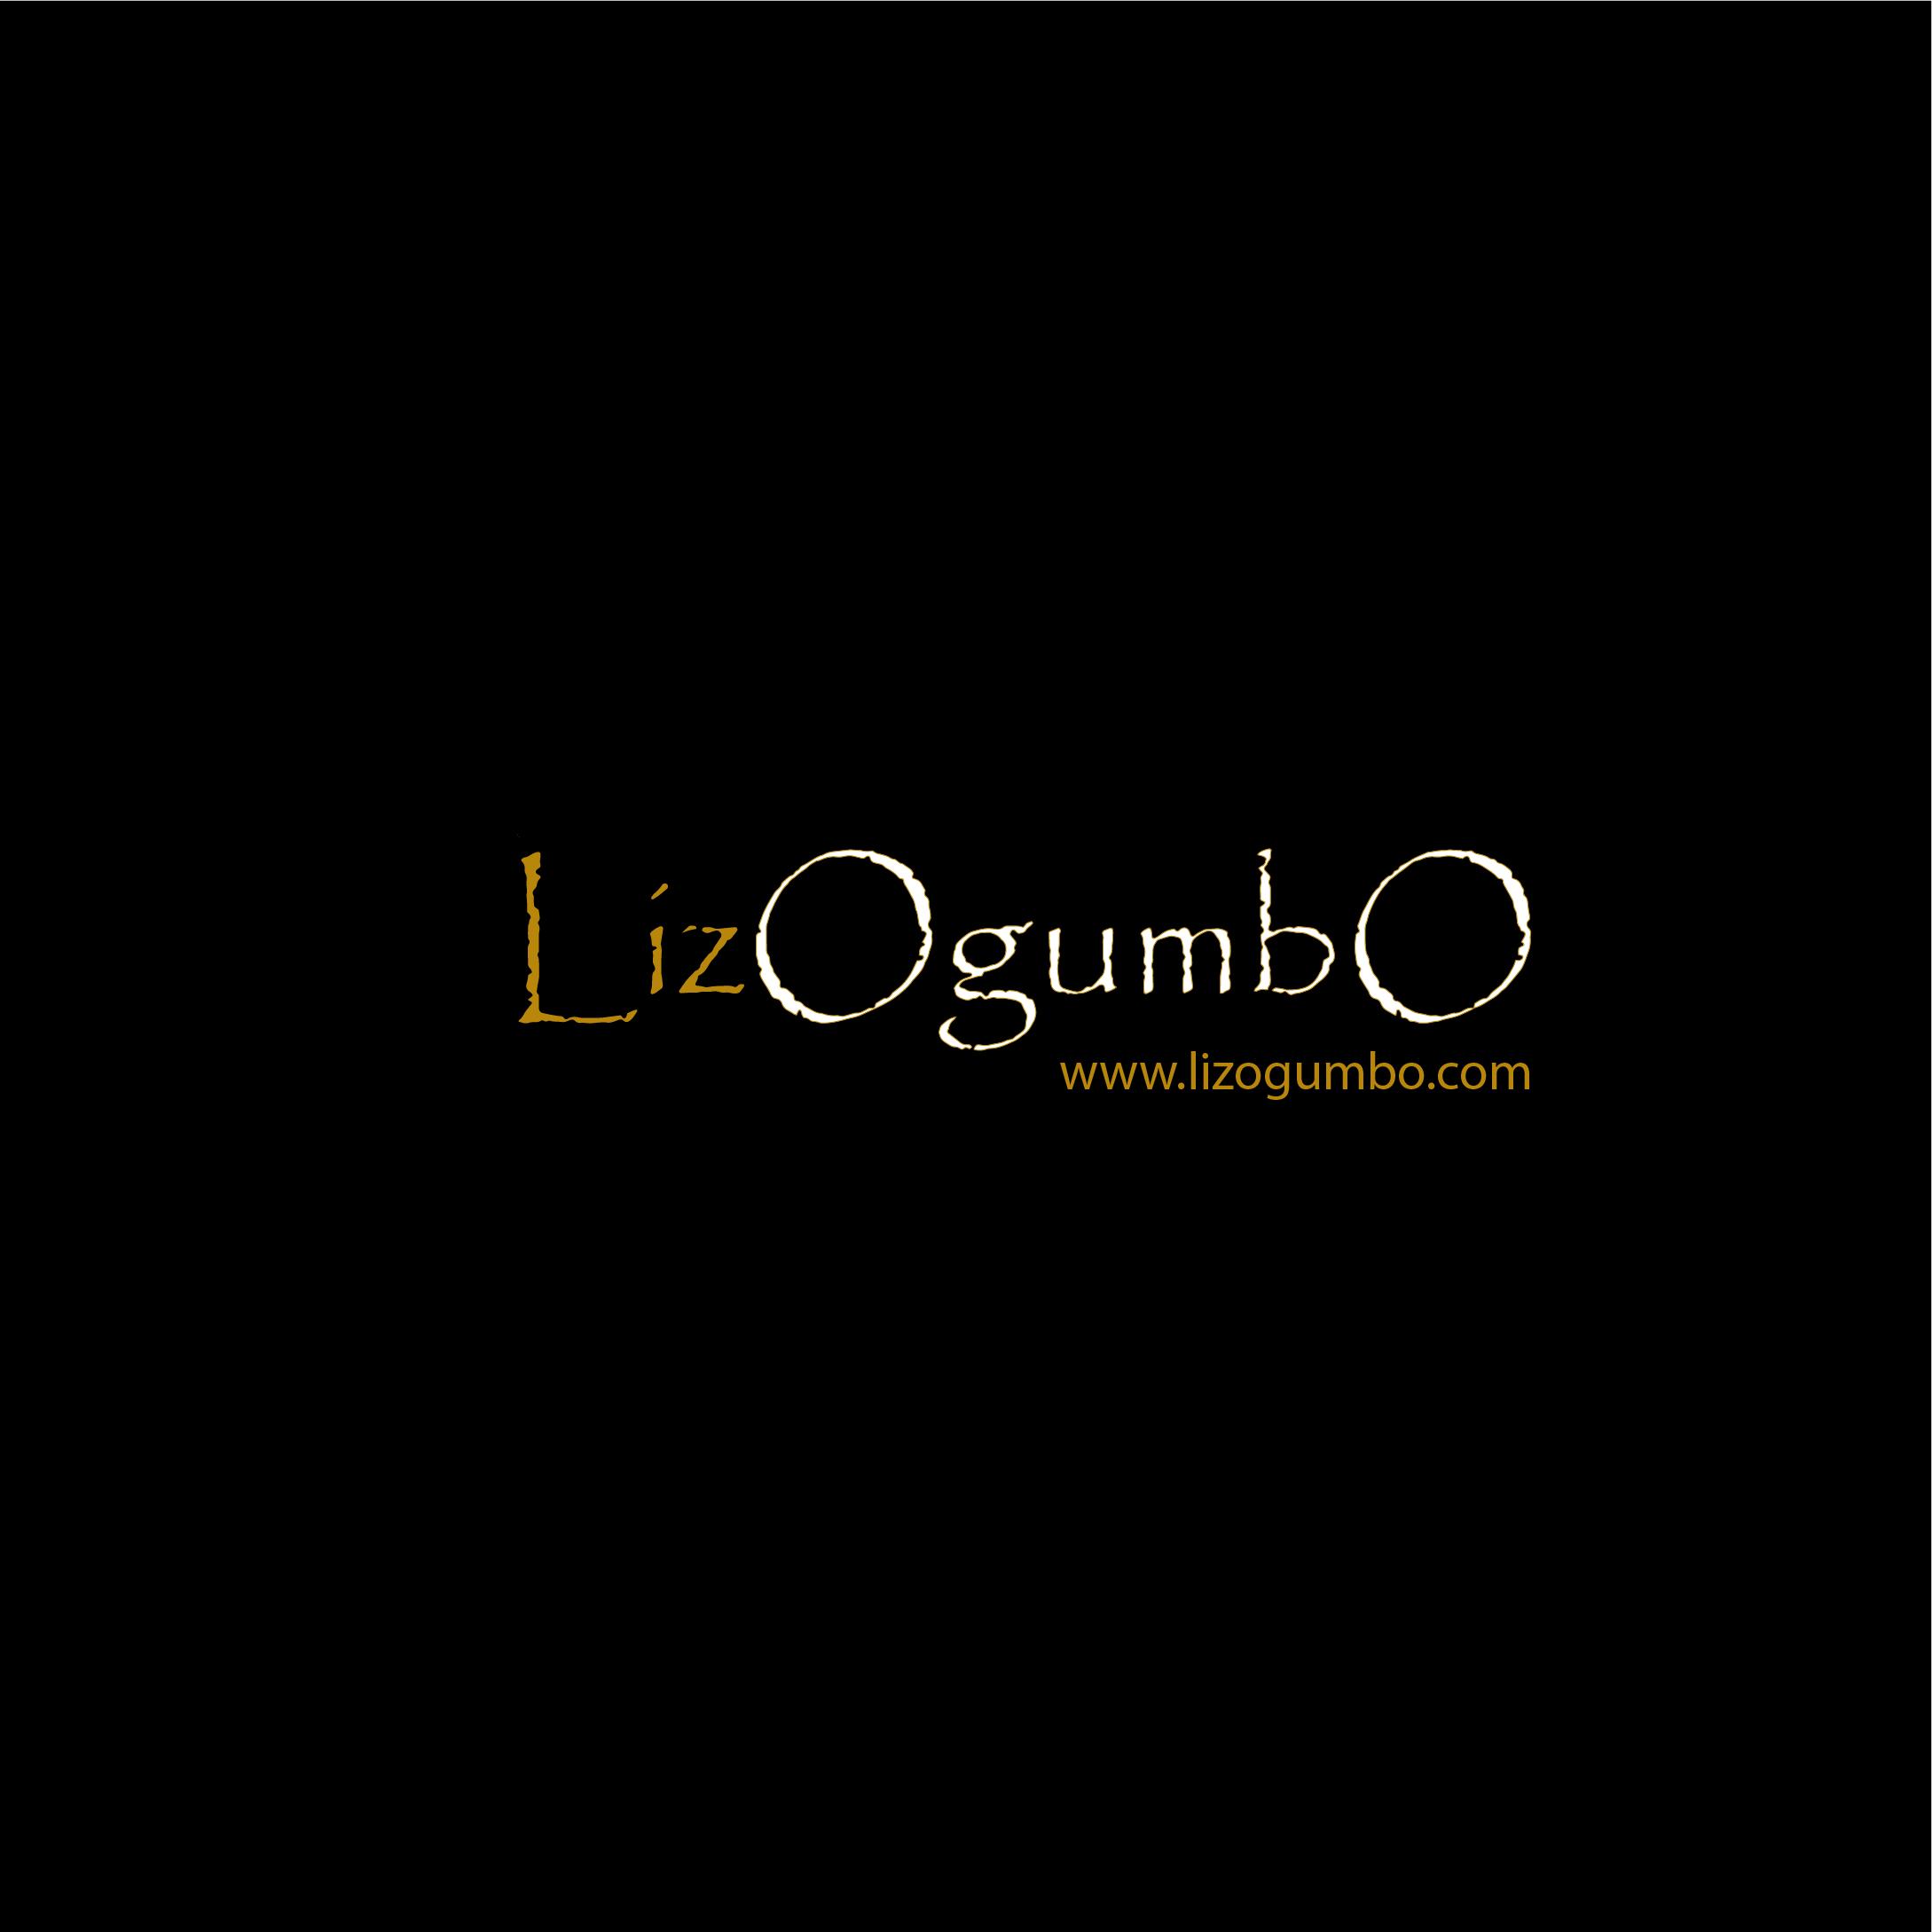 Liz Ogumbo Signature